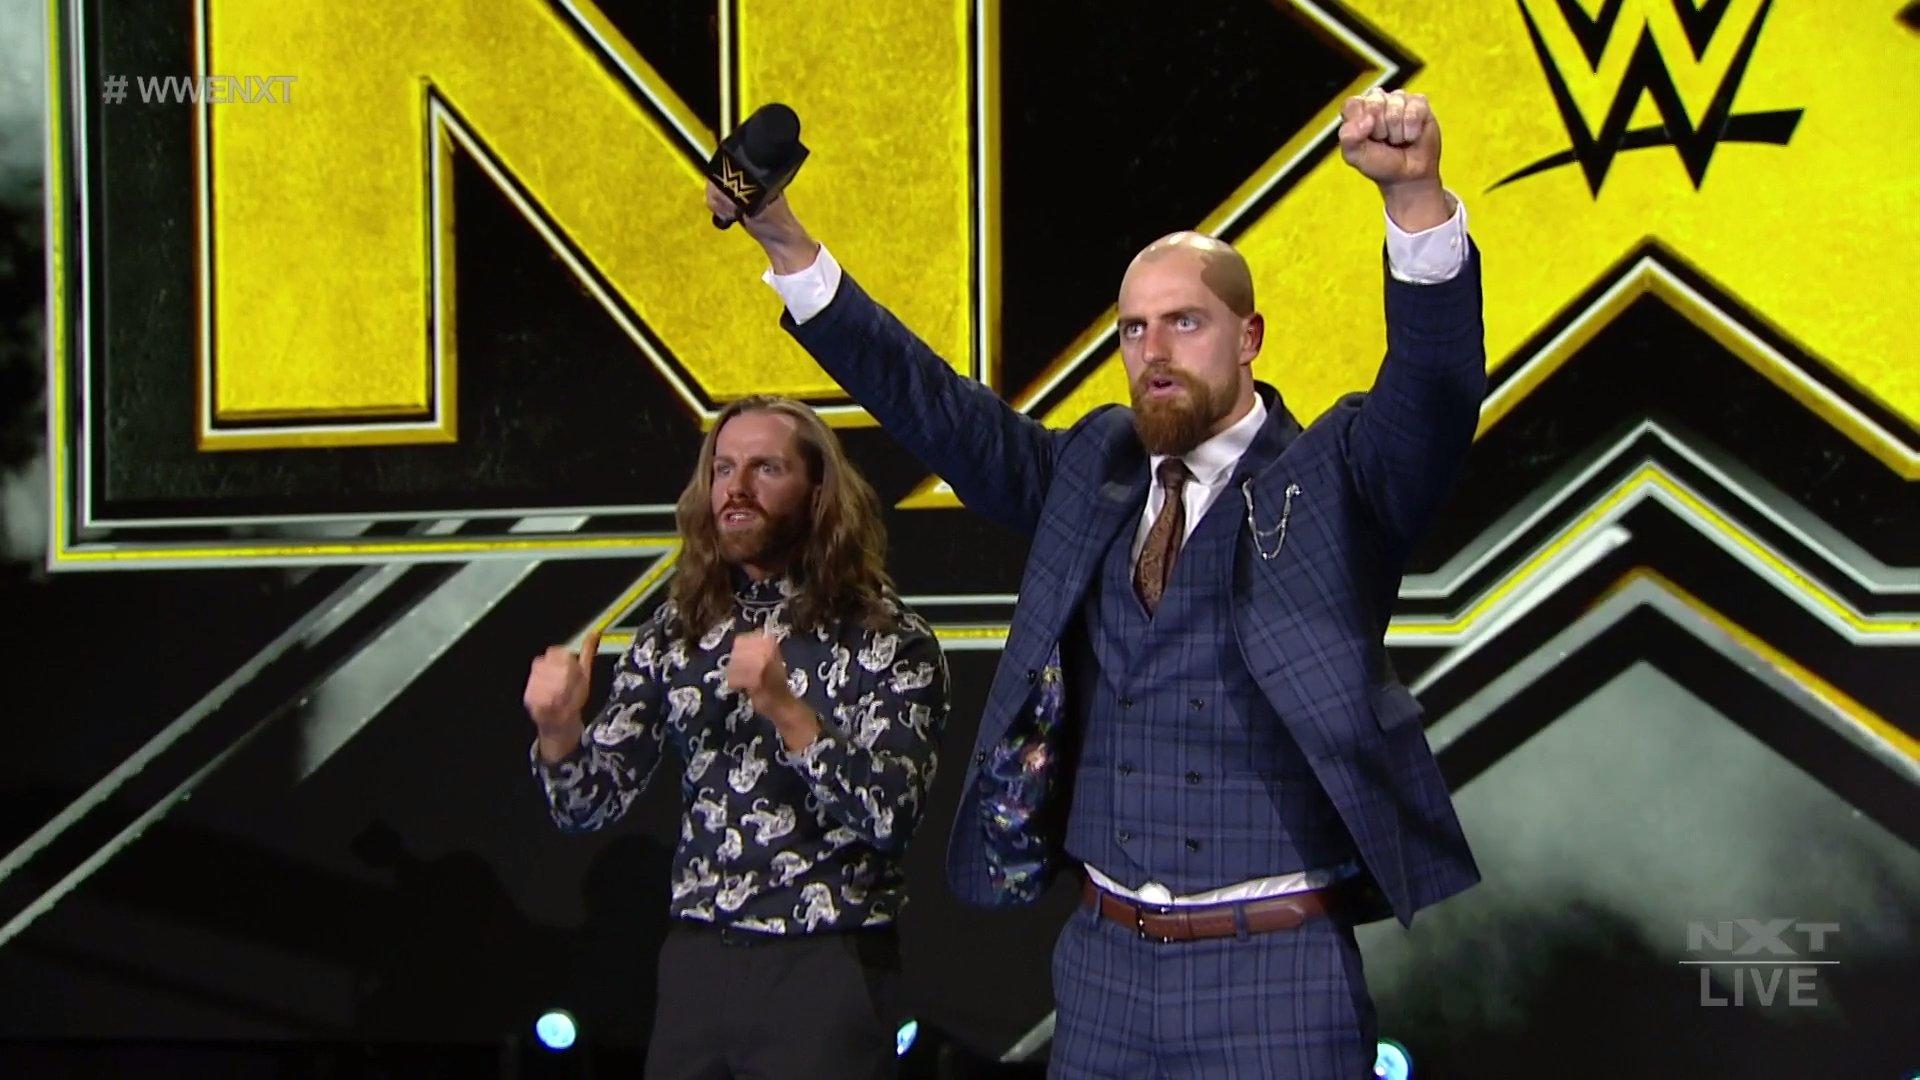 Reacciones a las acusaciones en WWE